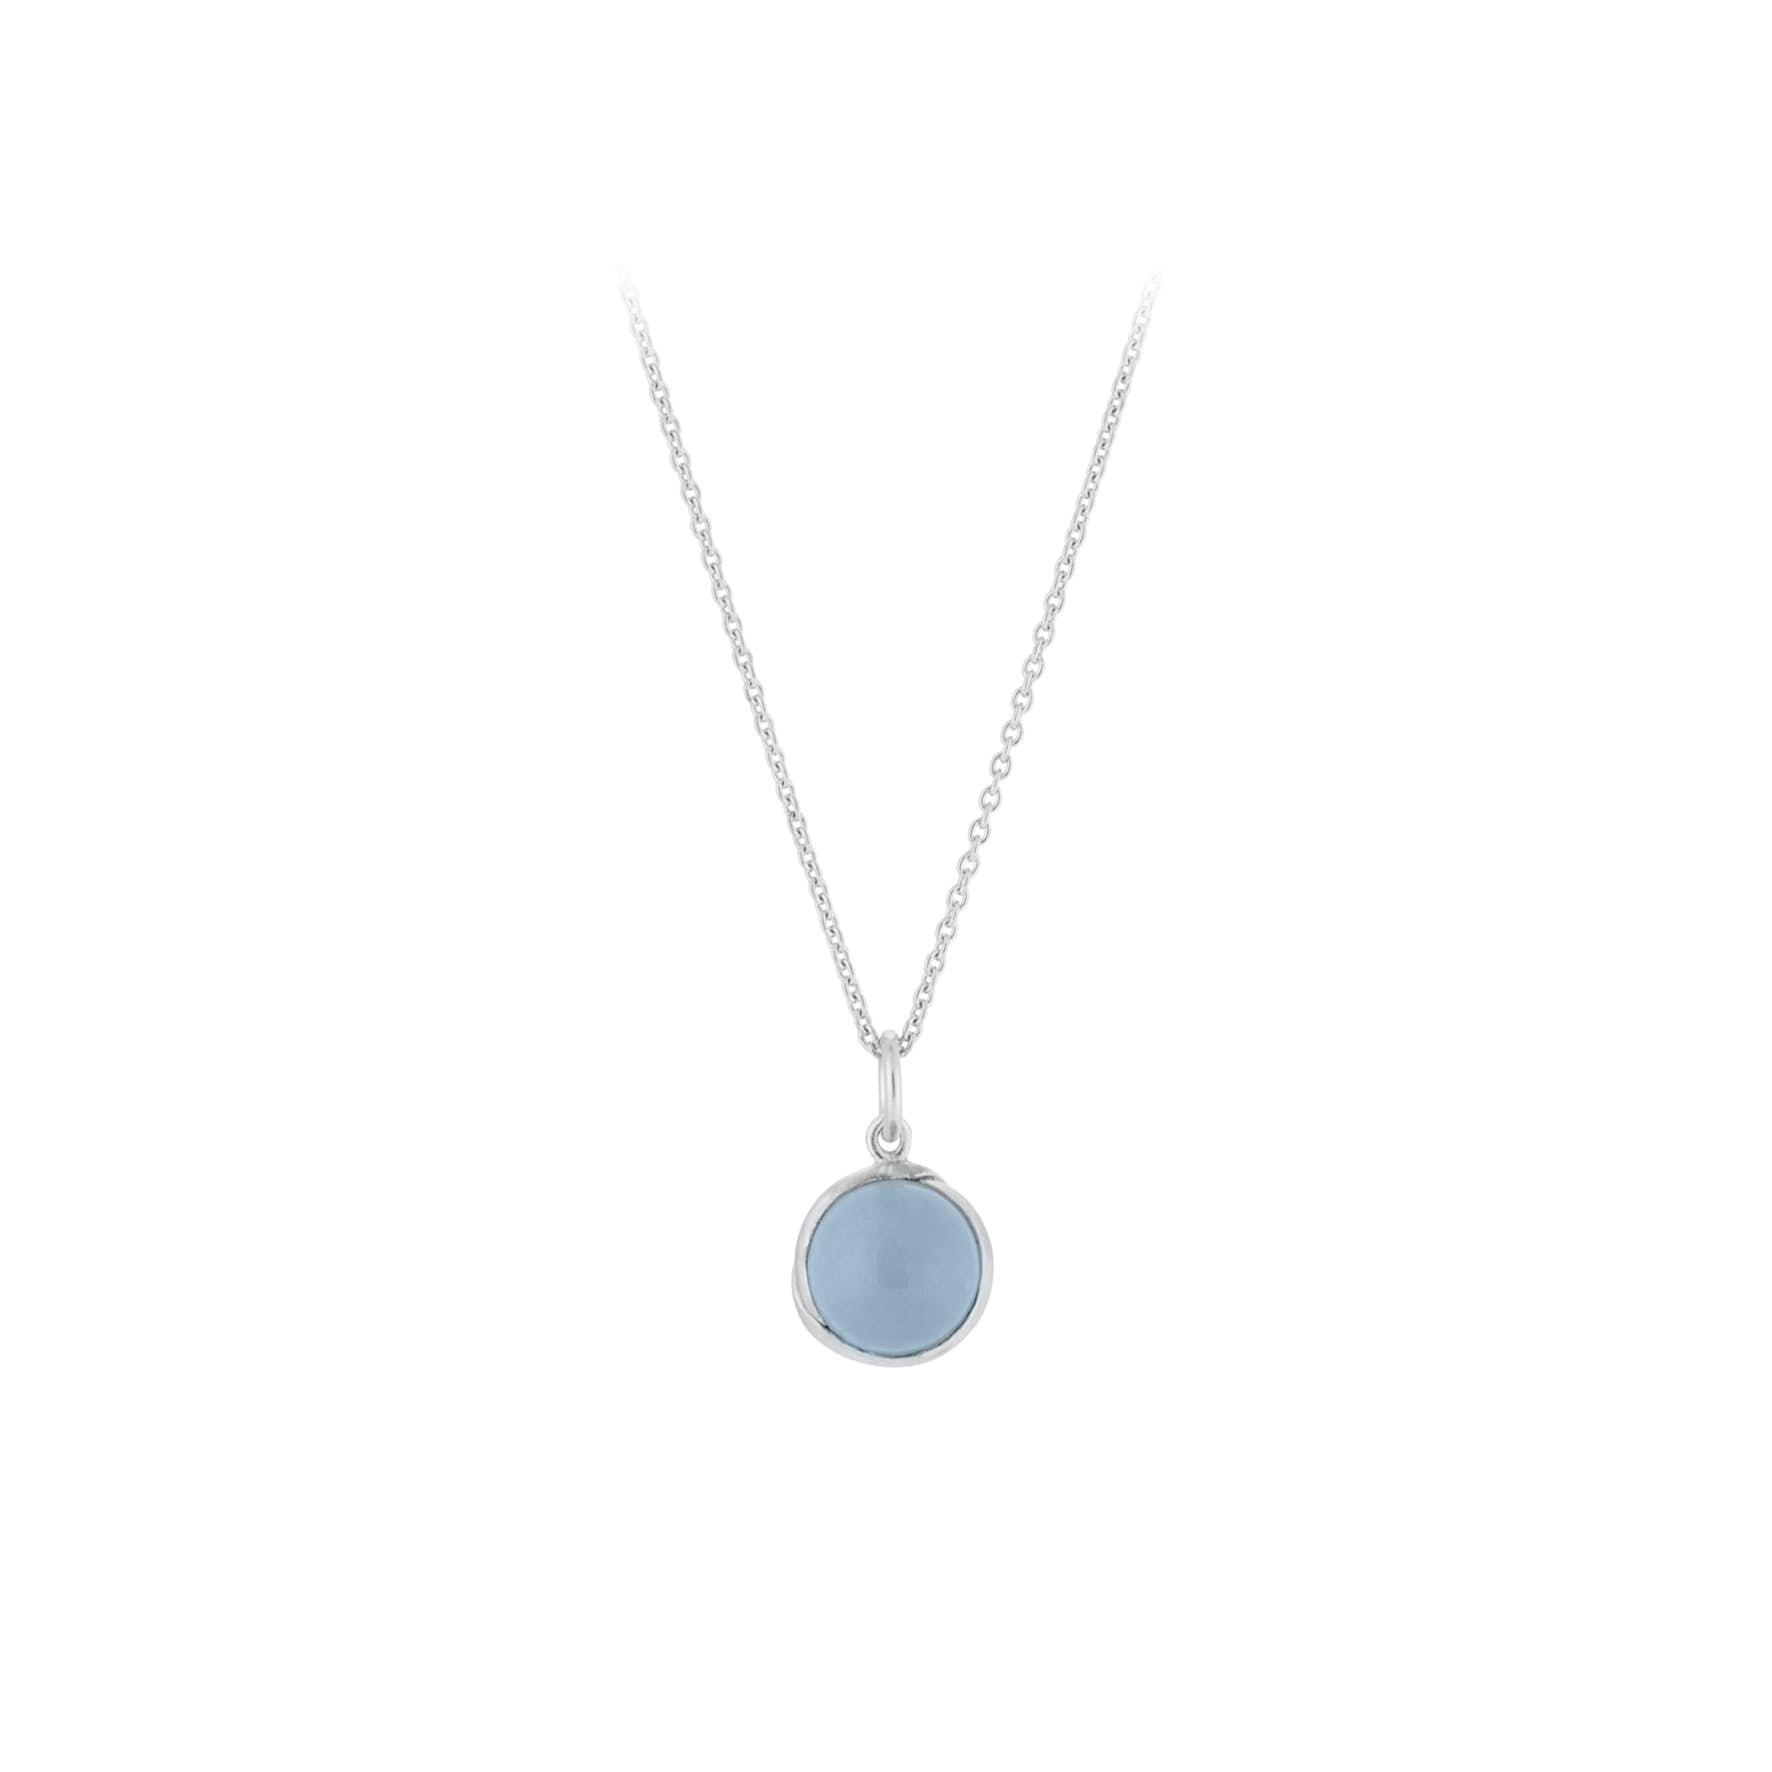 Aura Blue Necklace